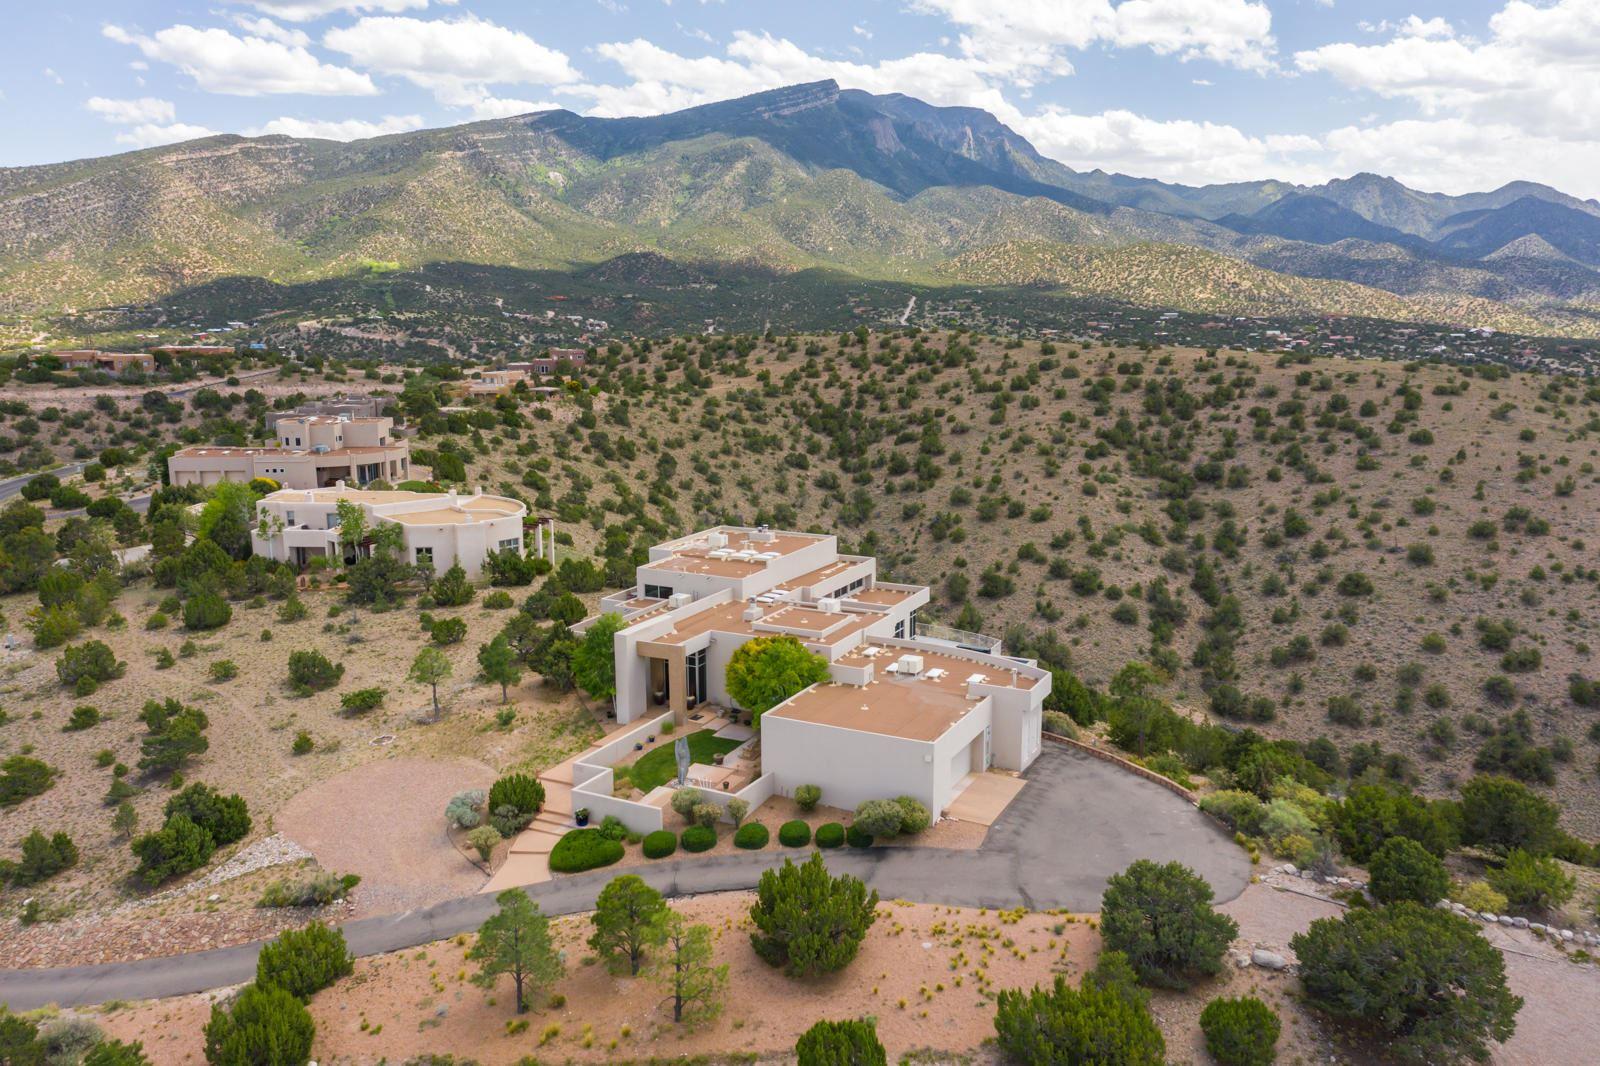 Photo of 75 OVERLOOK Drive, Placitas, NM 87043 (MLS # 974305)